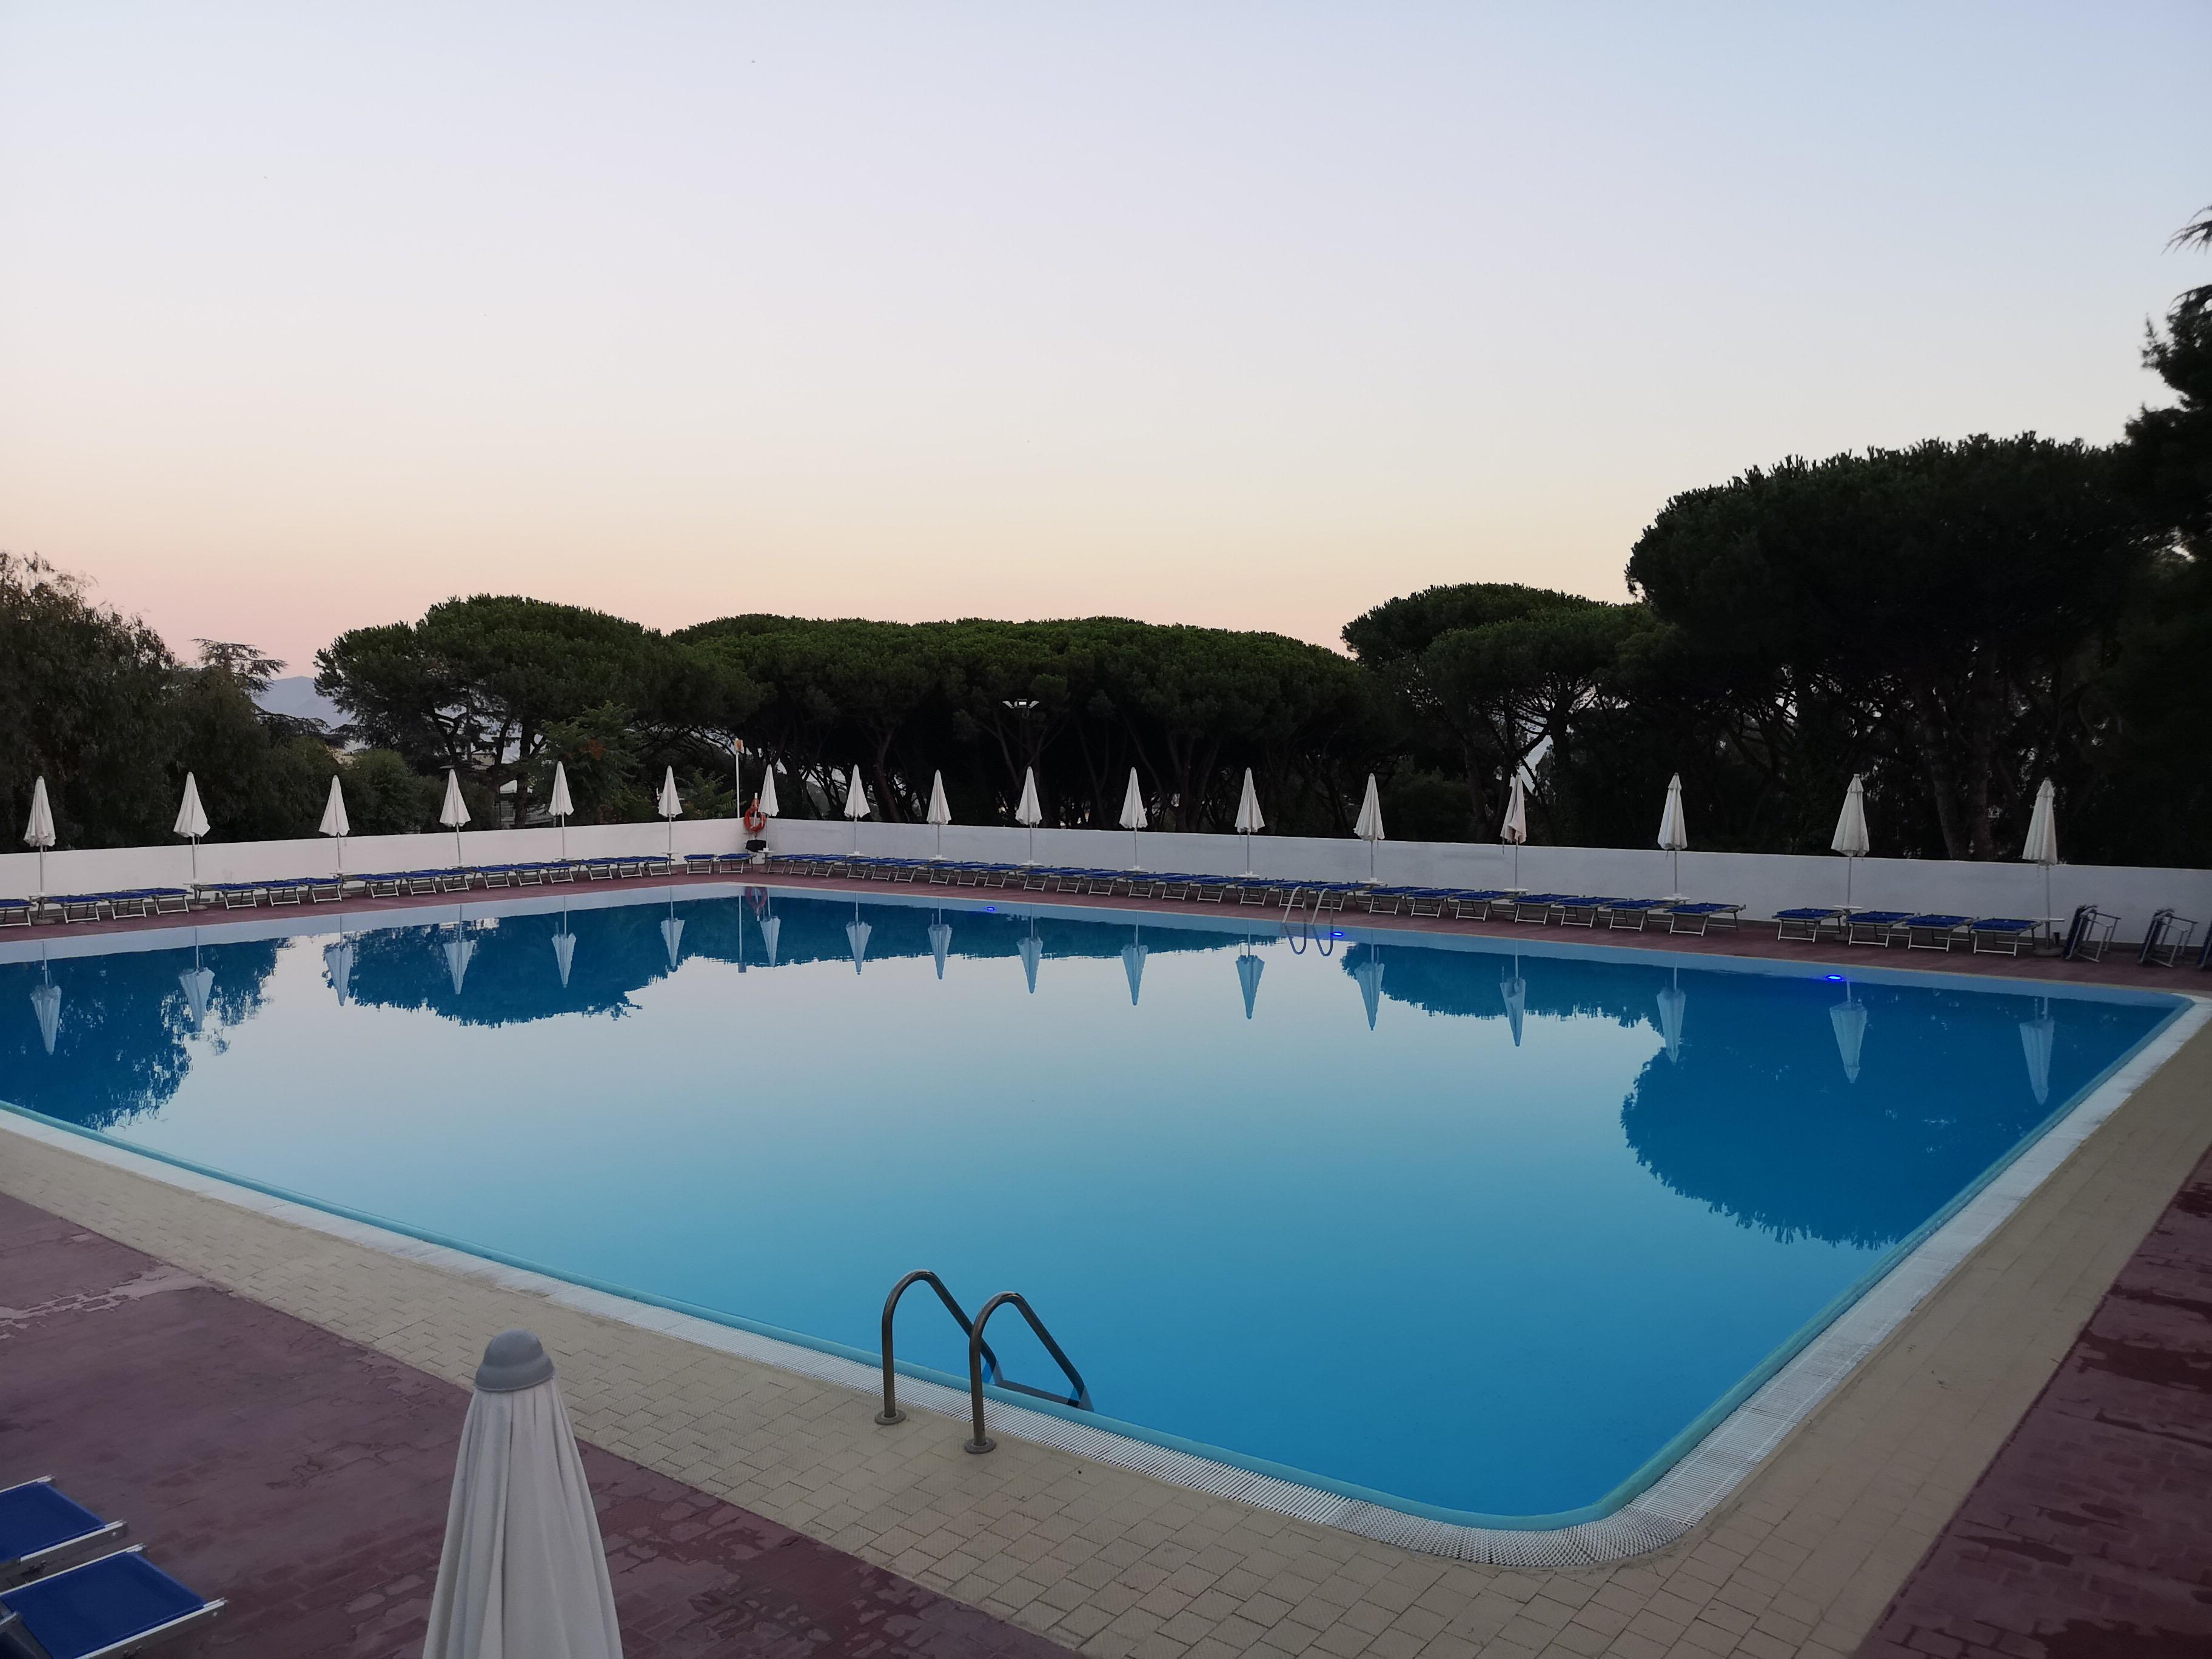 Piscina A Torre Del Greco sakura piscine club e pizzeria magma, il relax che incontra